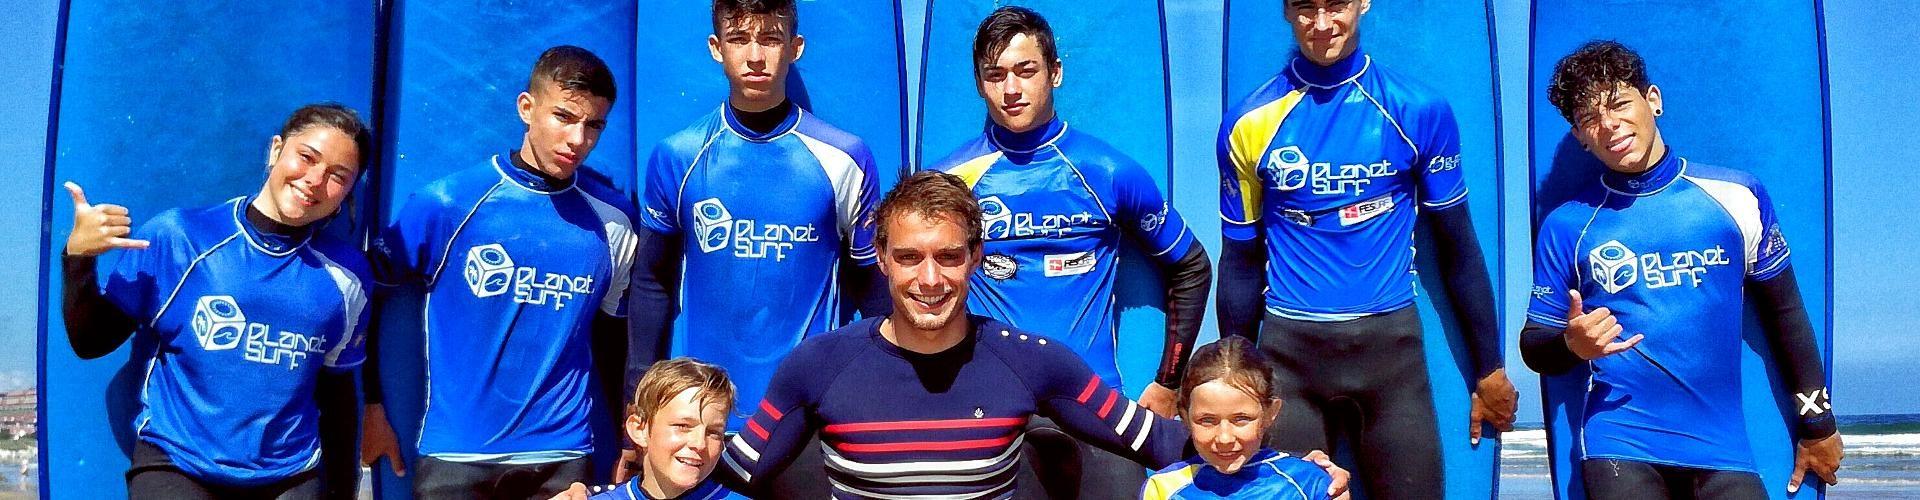 Clases de surf para jovenes en Cantabria